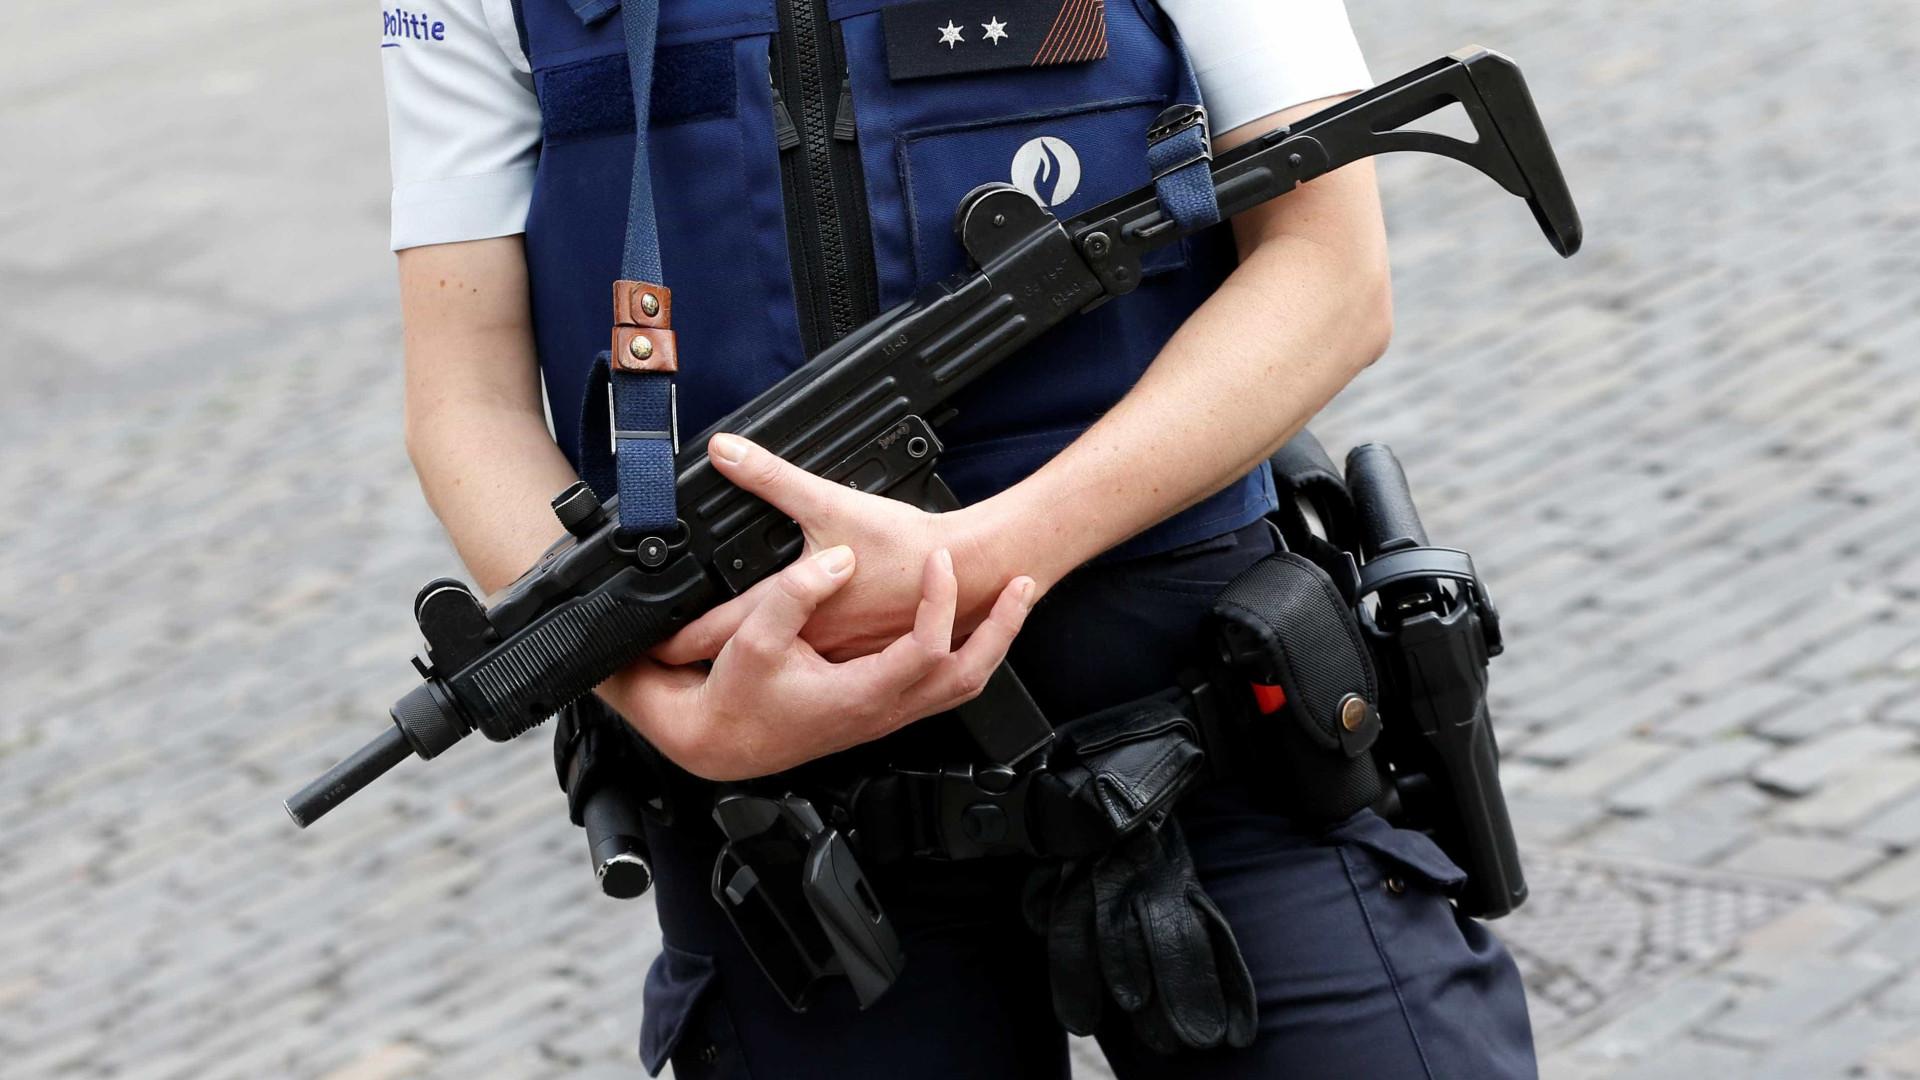 Estação de comboios encerrada na Bélgica após relatos de disparos